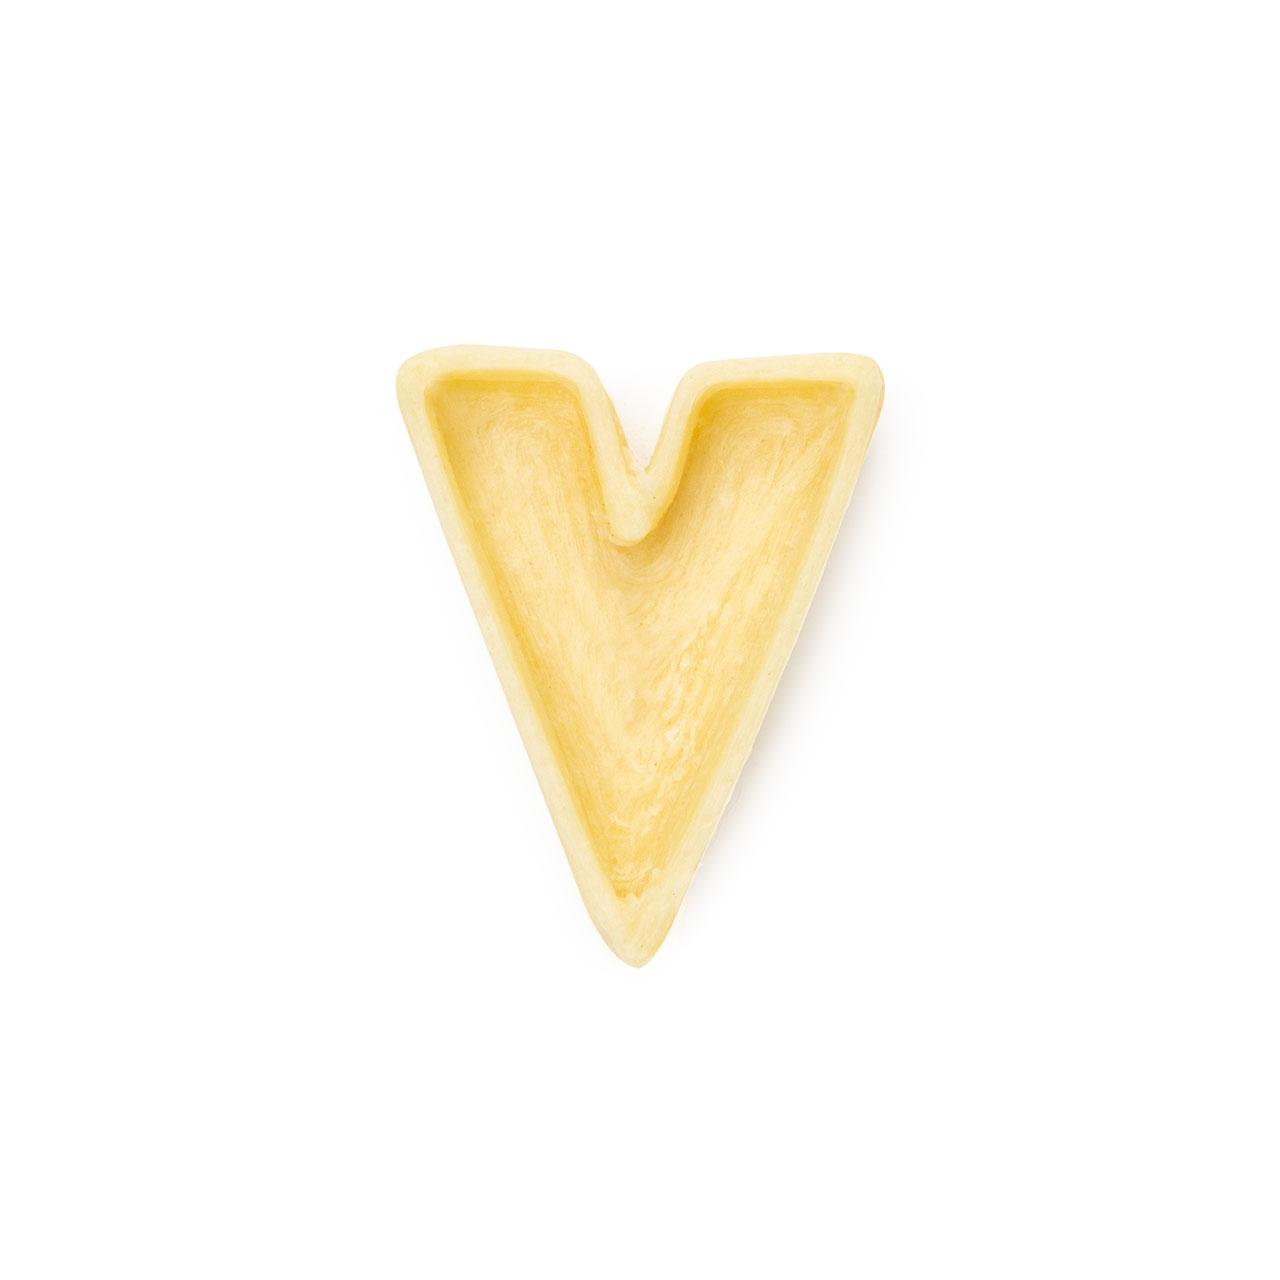 La lettera V di pasta